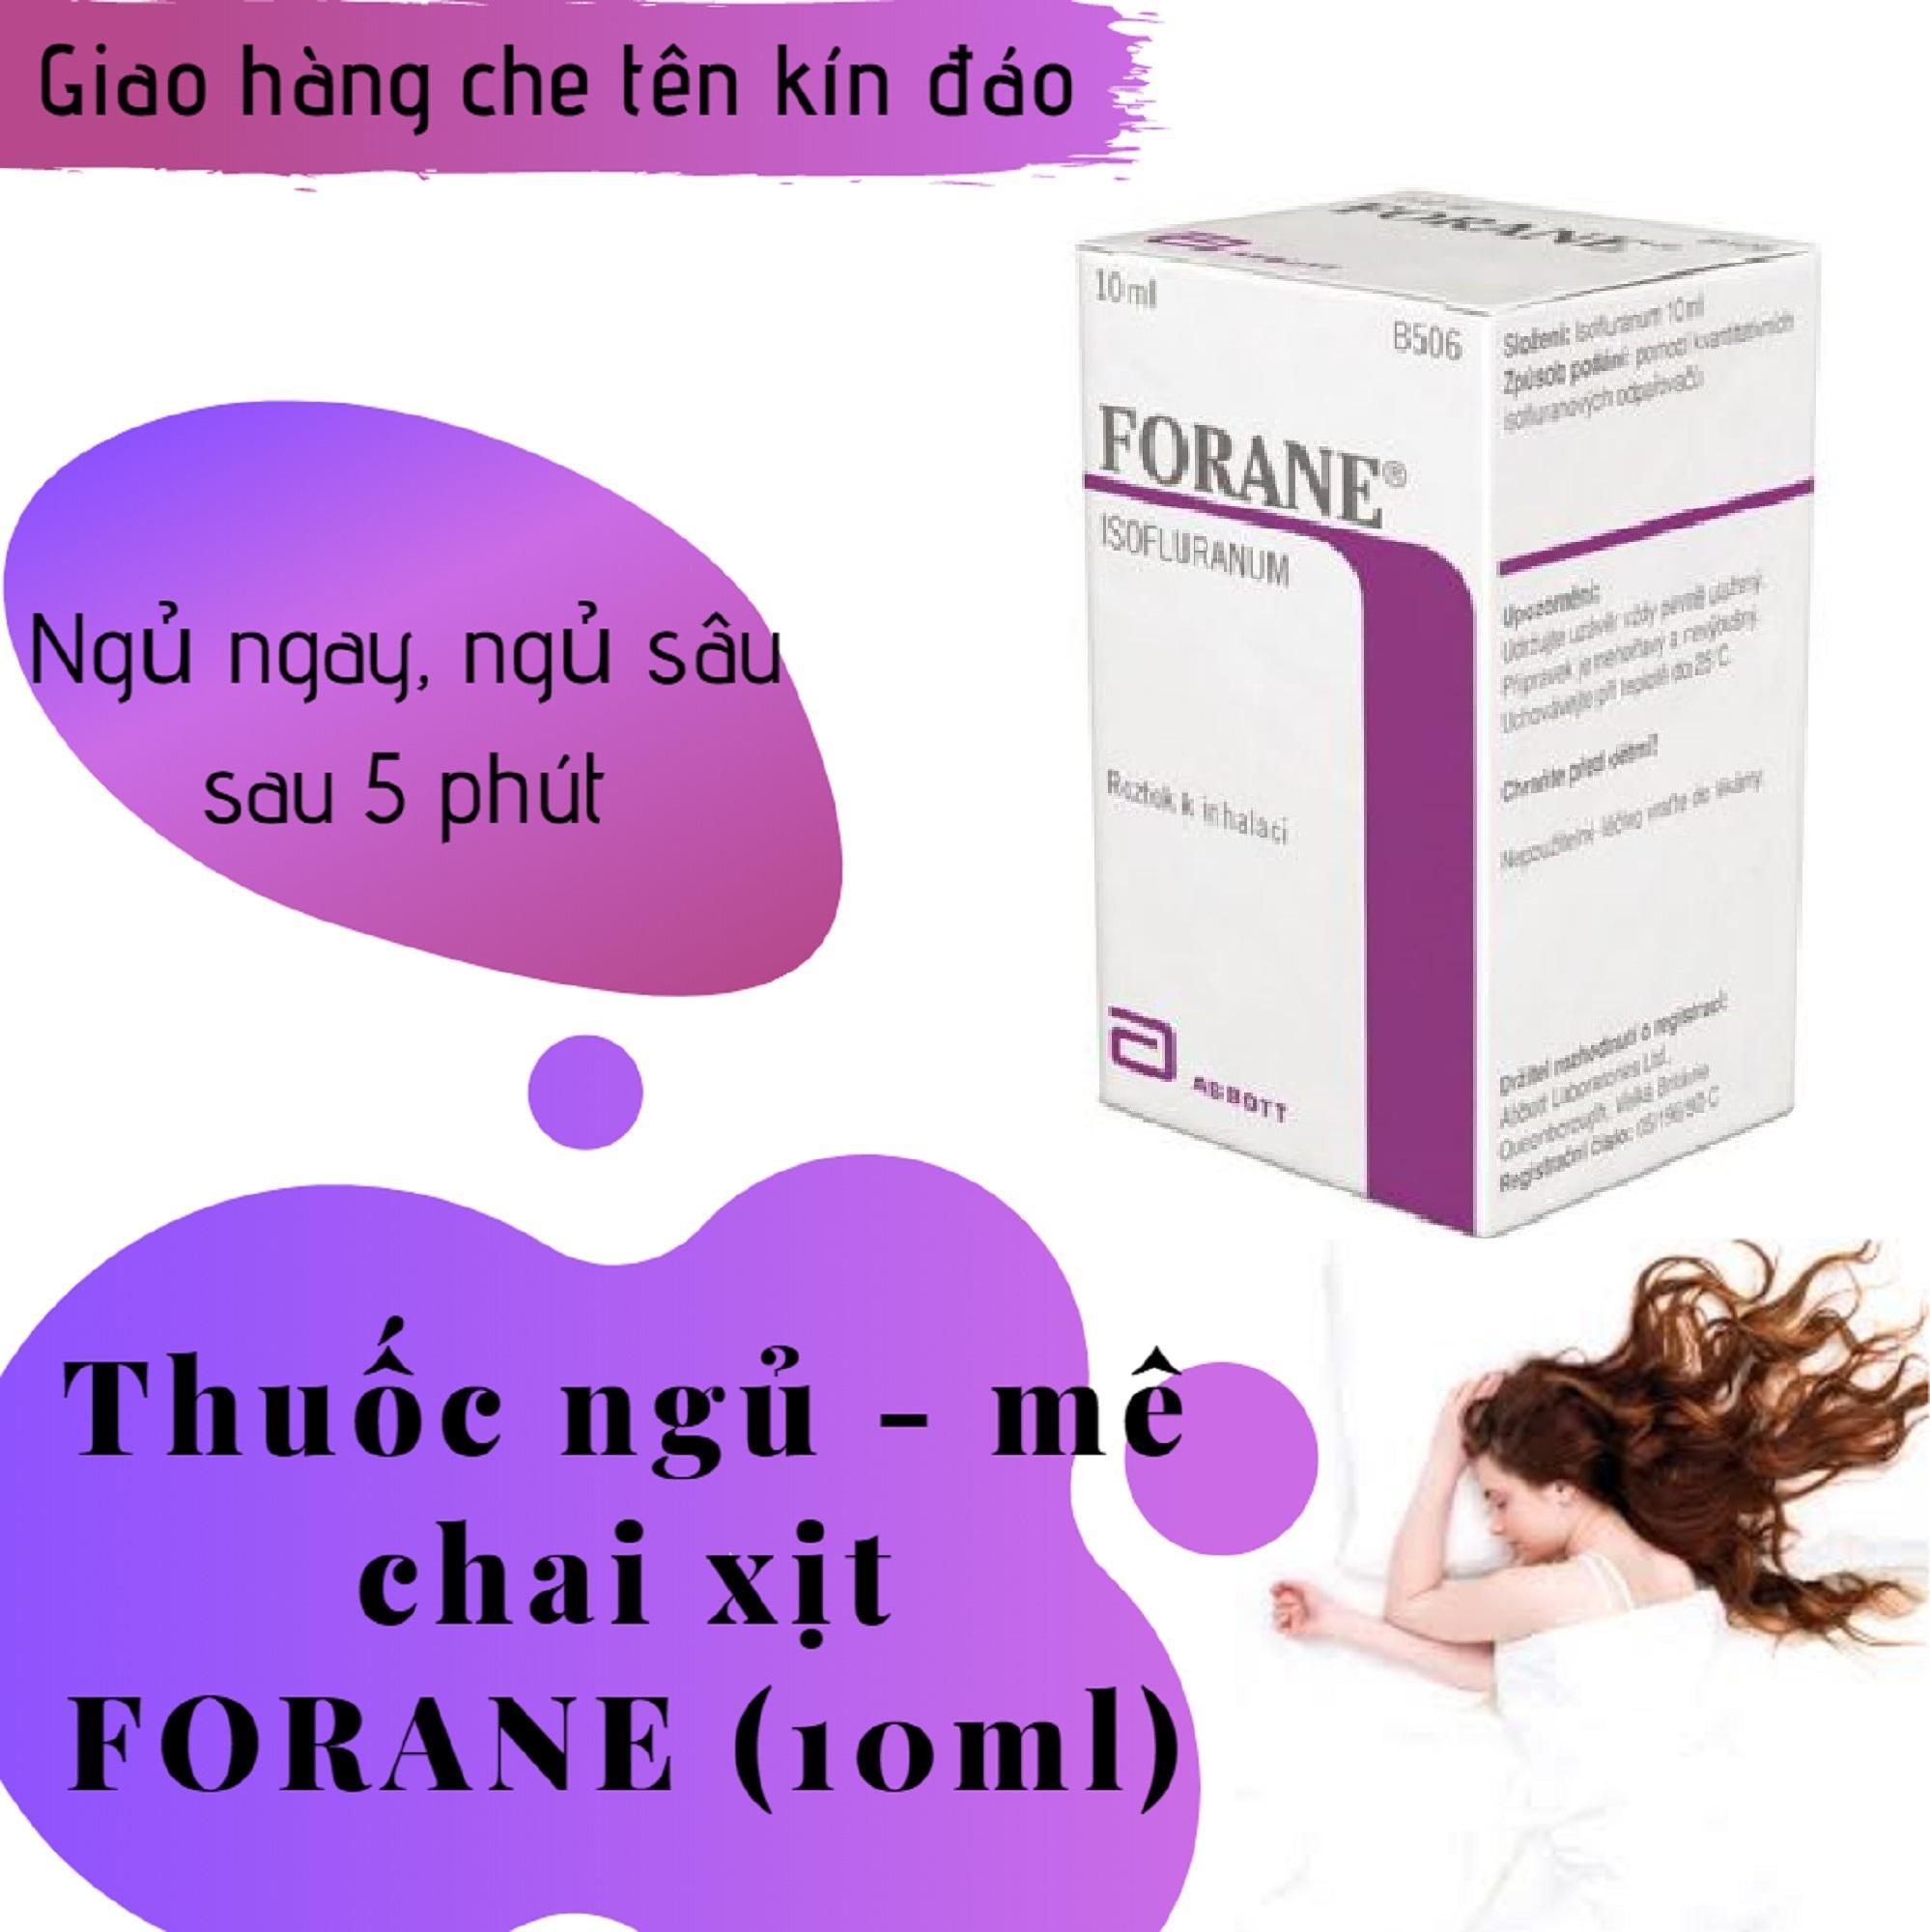 Thuốc_chai xịt hỗ trợ giấc ngủ FORANE (chai 10ml) giá mê ly chính hãng